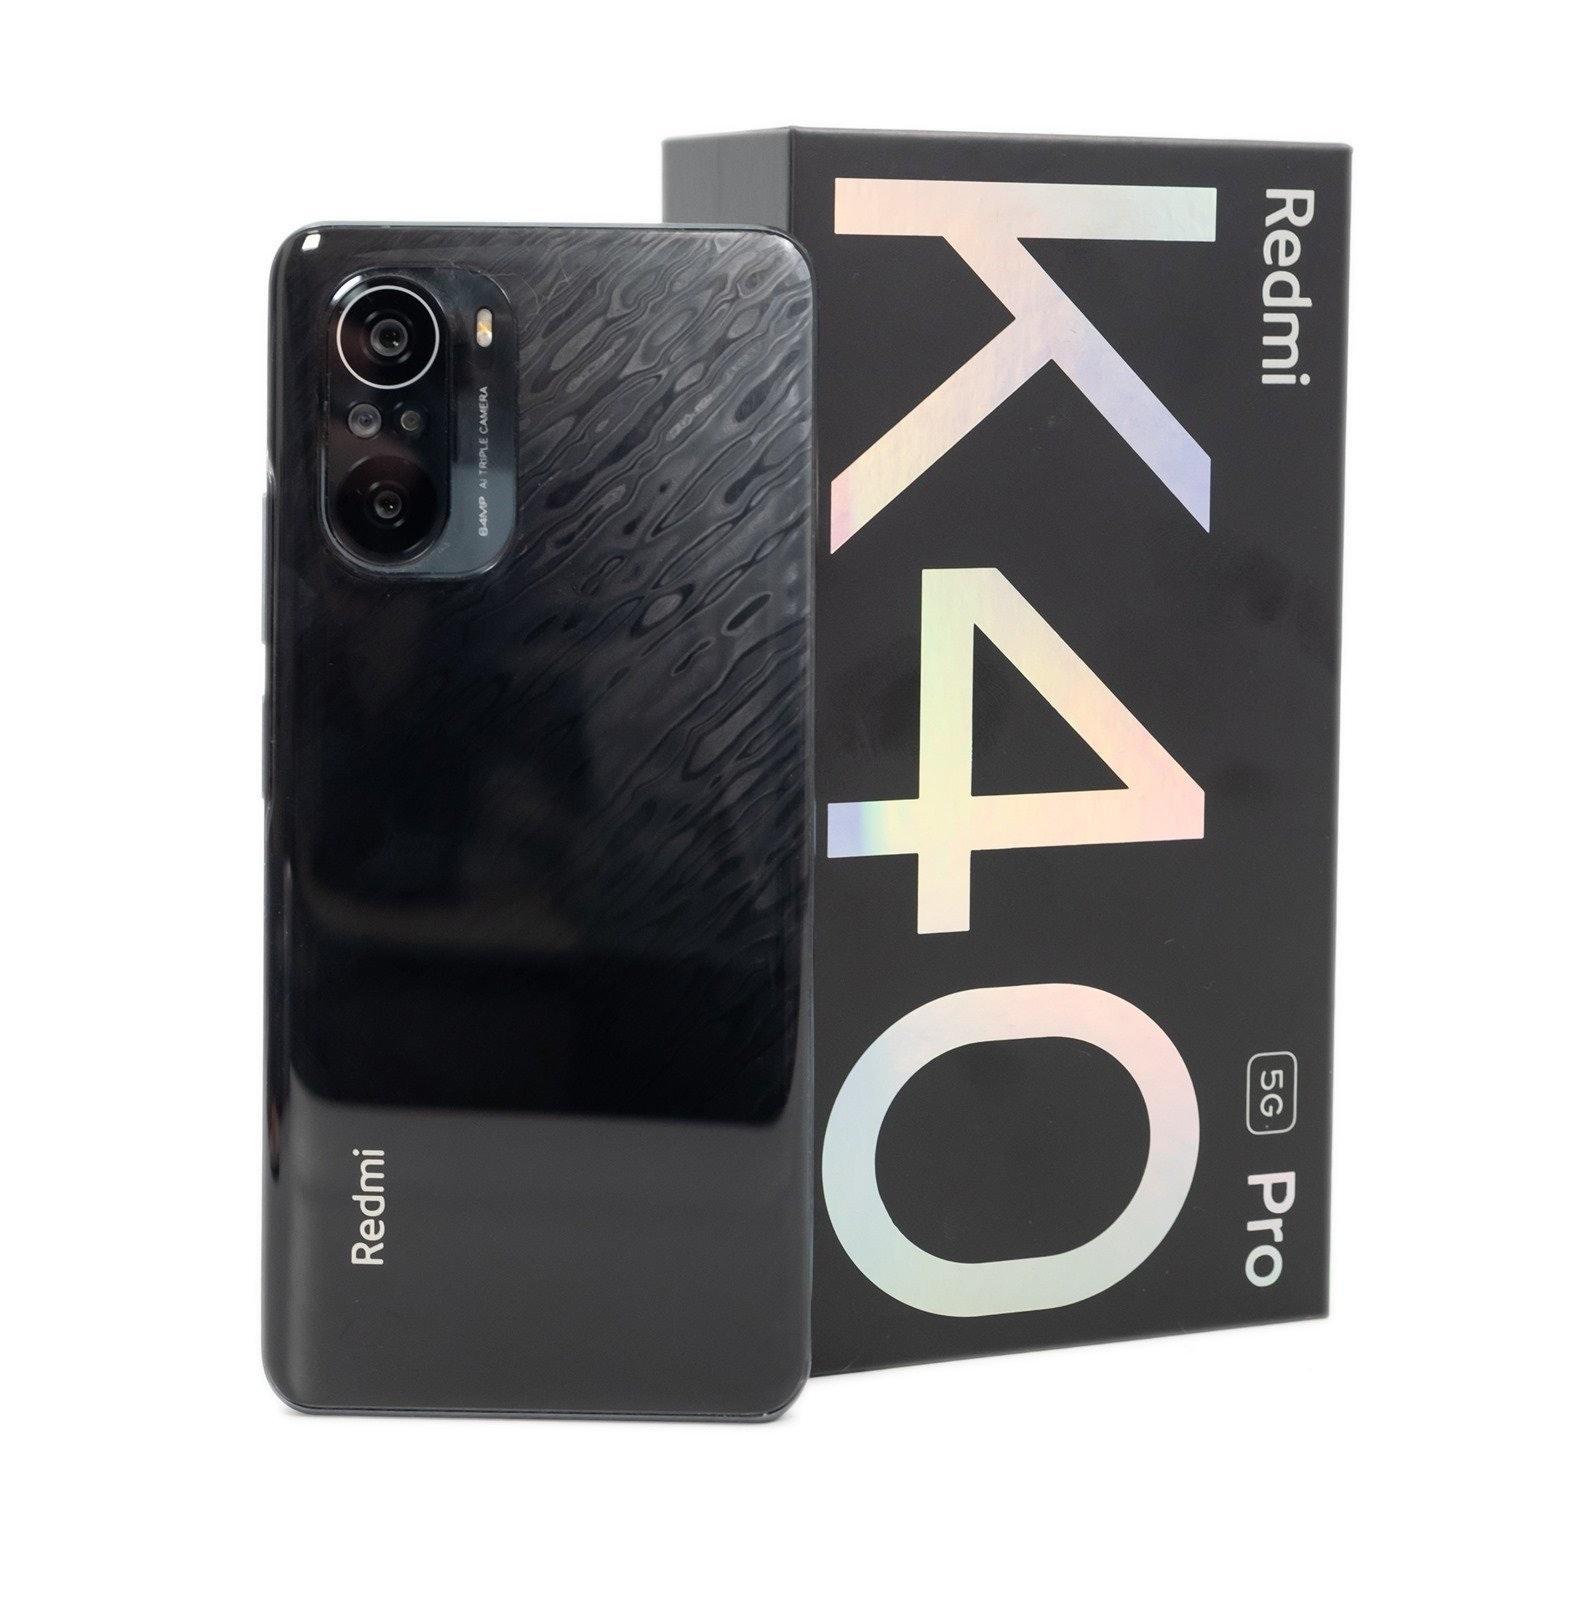 照片中提到了Redmi、Pro、5G,包含了移動電話、移動電話、手機配件、產品設計、電子產品